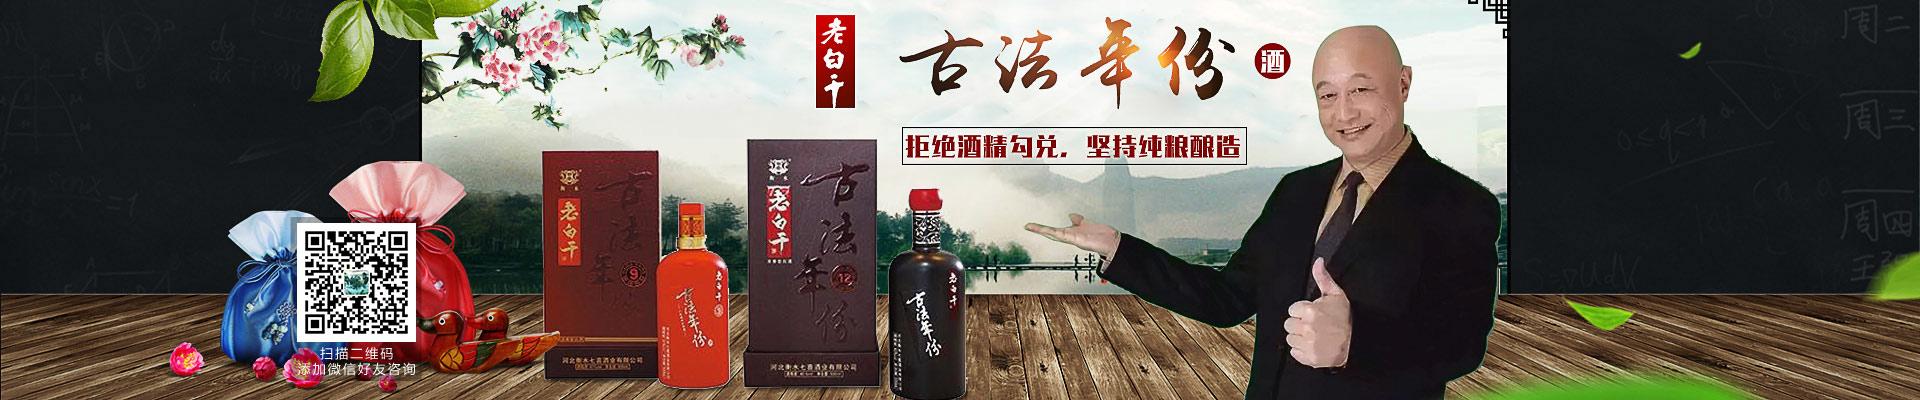 河北衡水七喜酒业有限公司